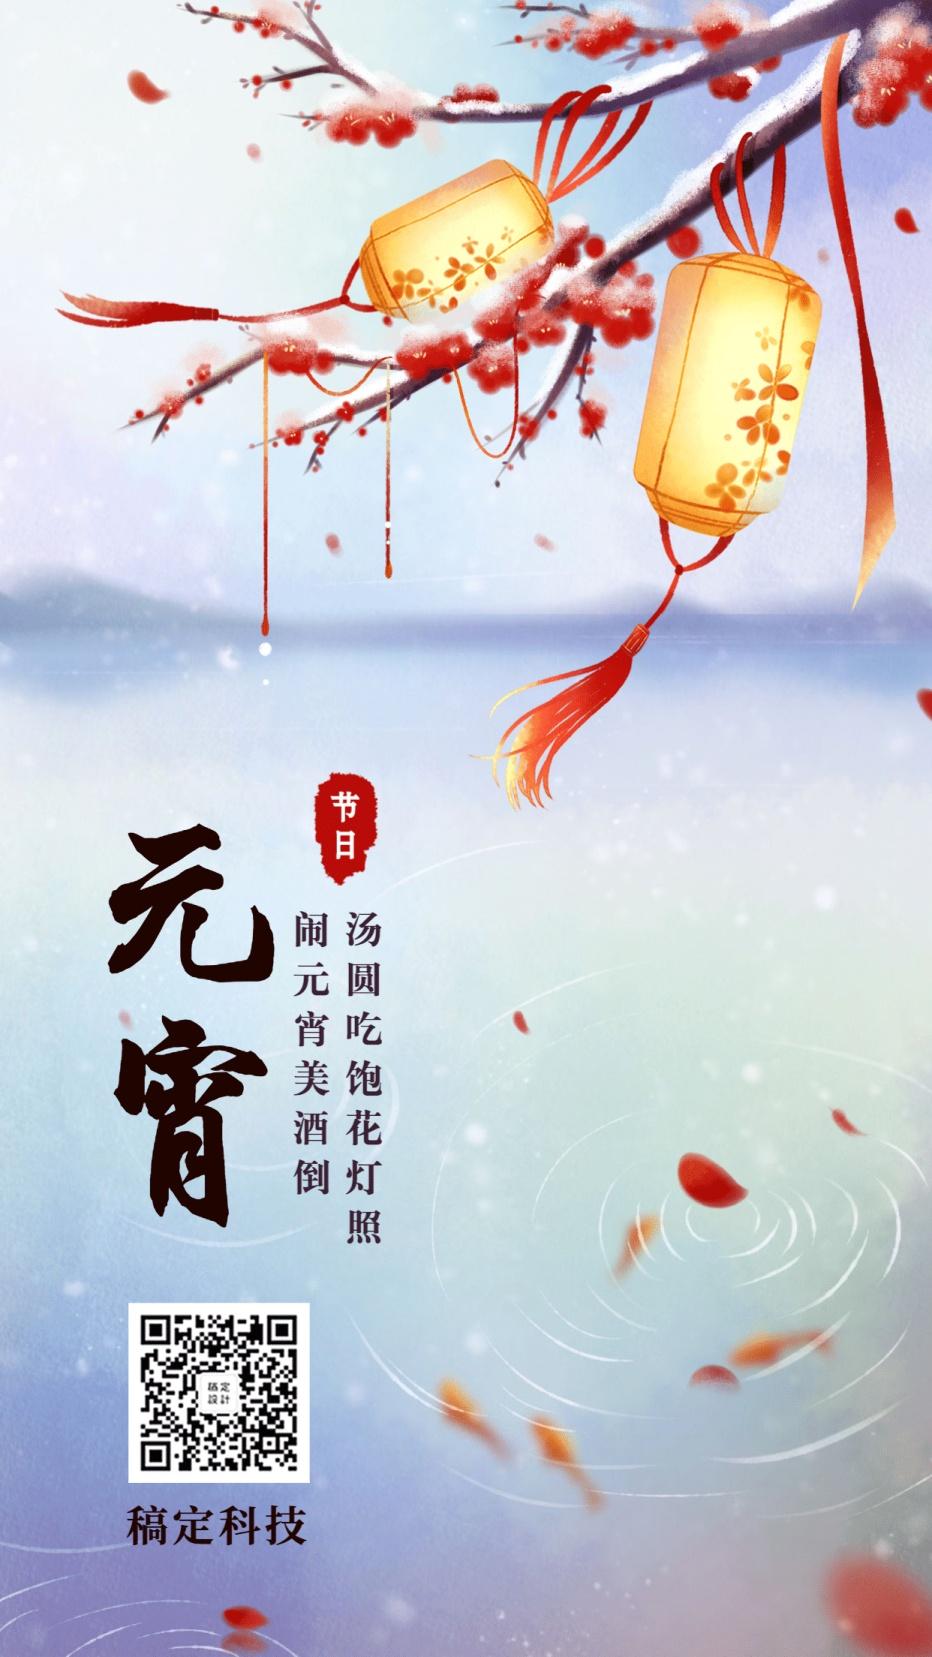 元宵节手绘中国风插画手机海报